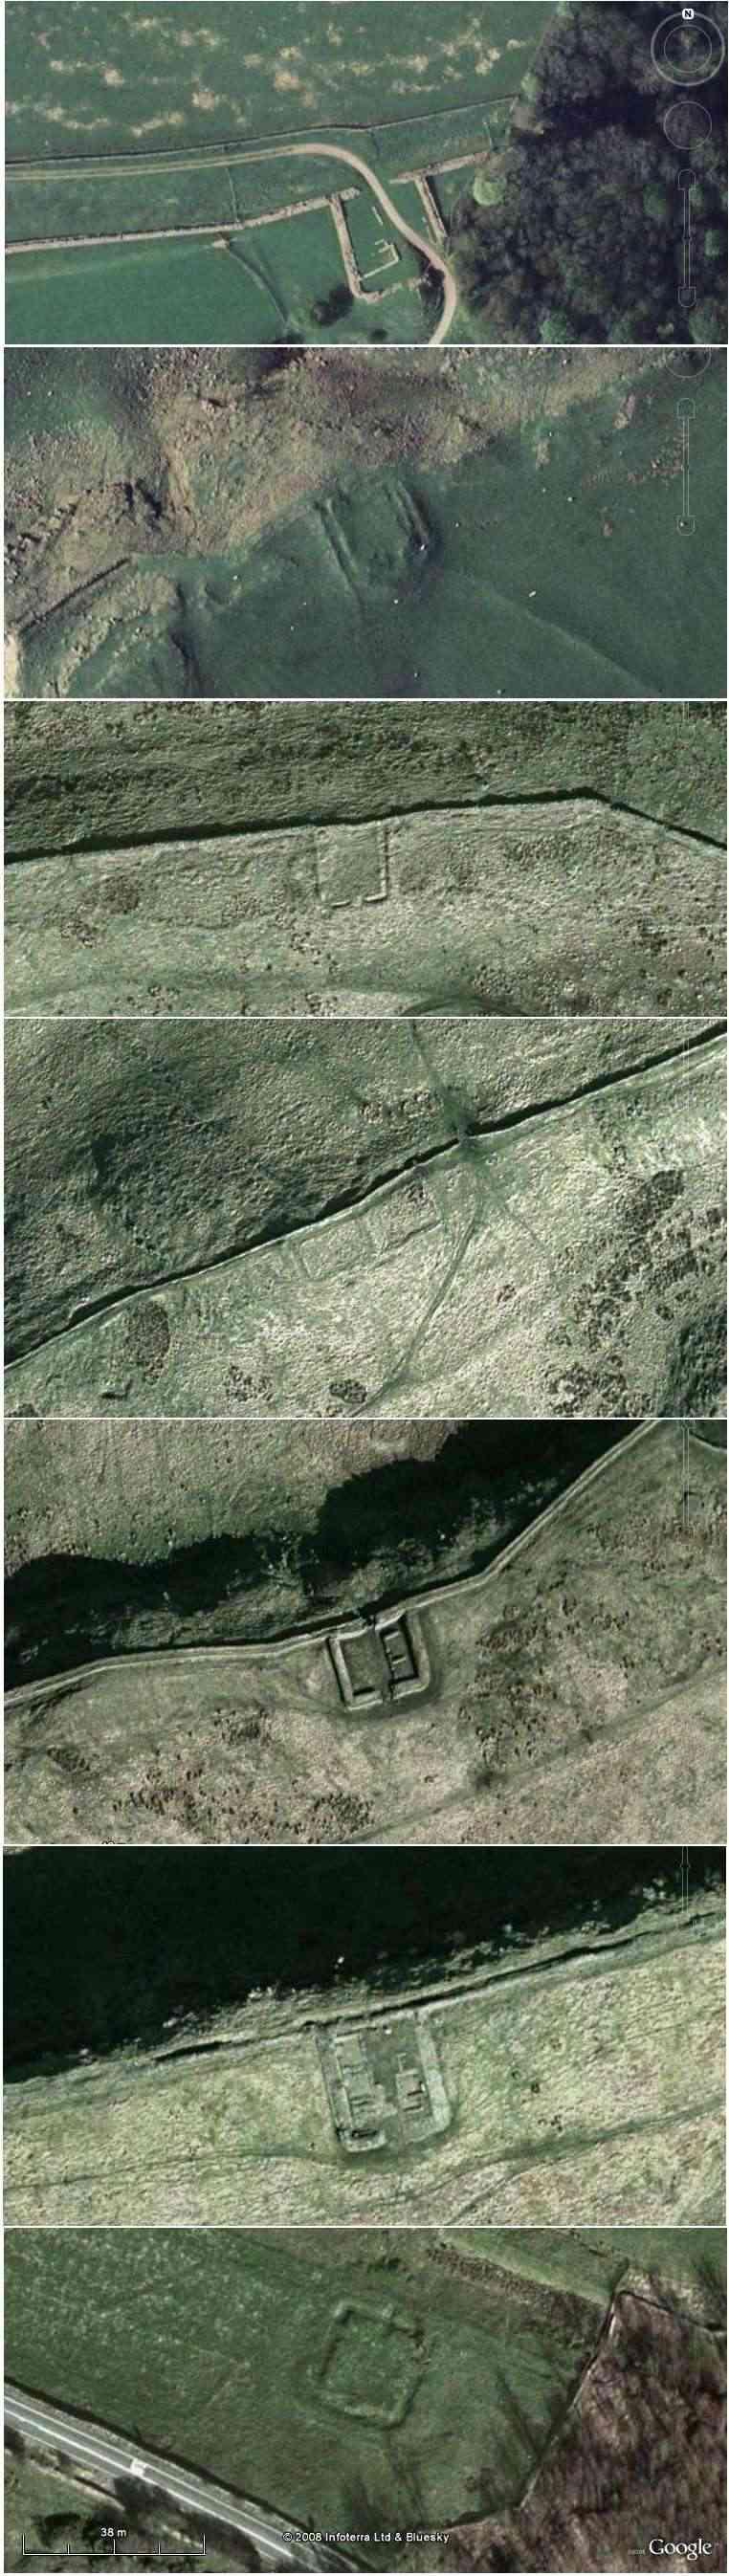 Le Mur d'Hadrien, frontière d'un empire - Page 4 Mileca14